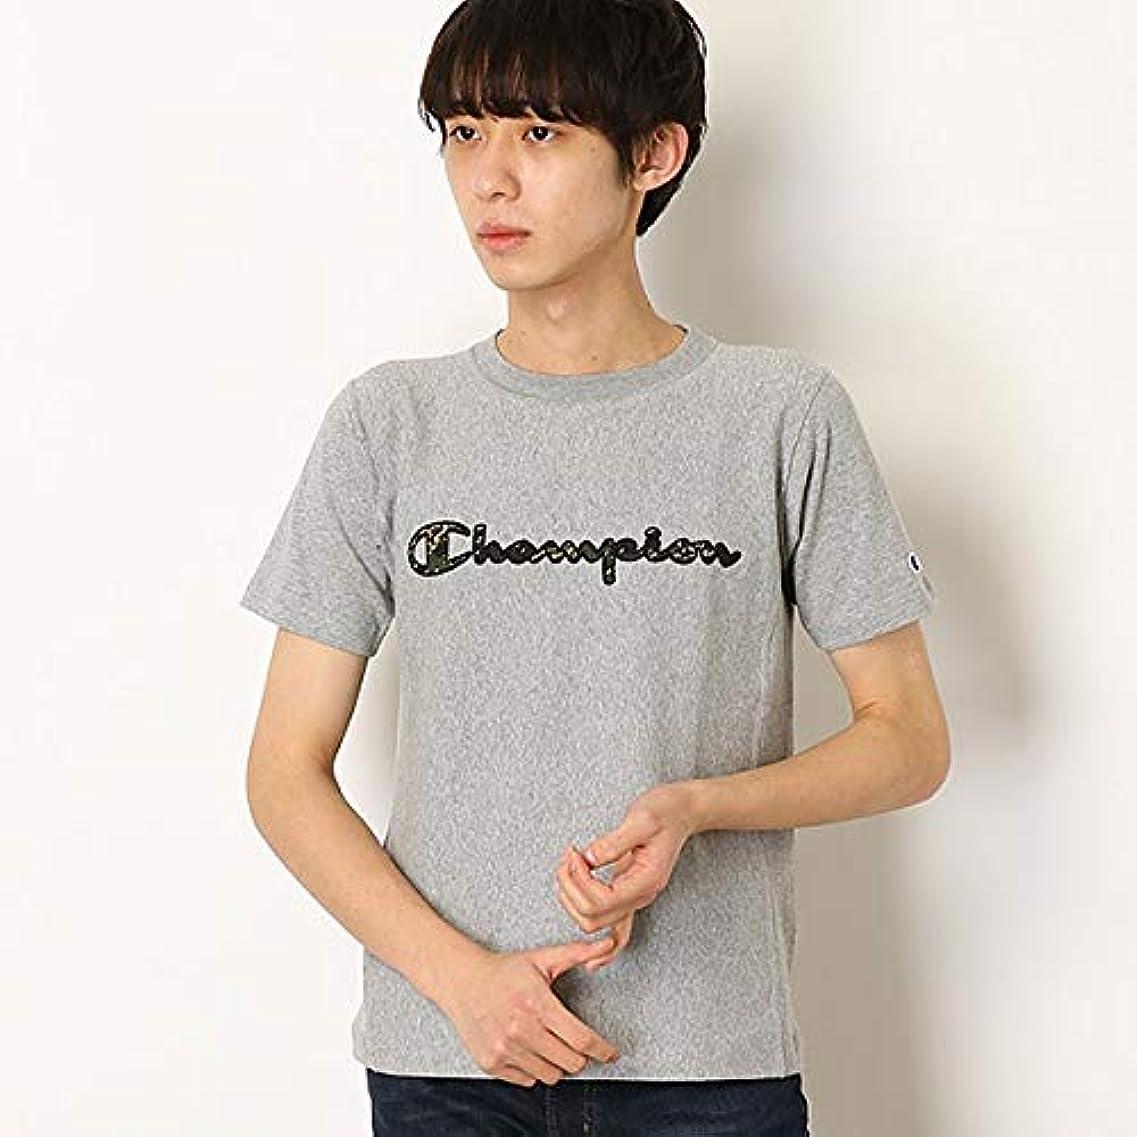 最小化する事故サーキットに行くチャンピオン(Champion) 【Champion】 【19SS】リバースウィーブ Tシャツ